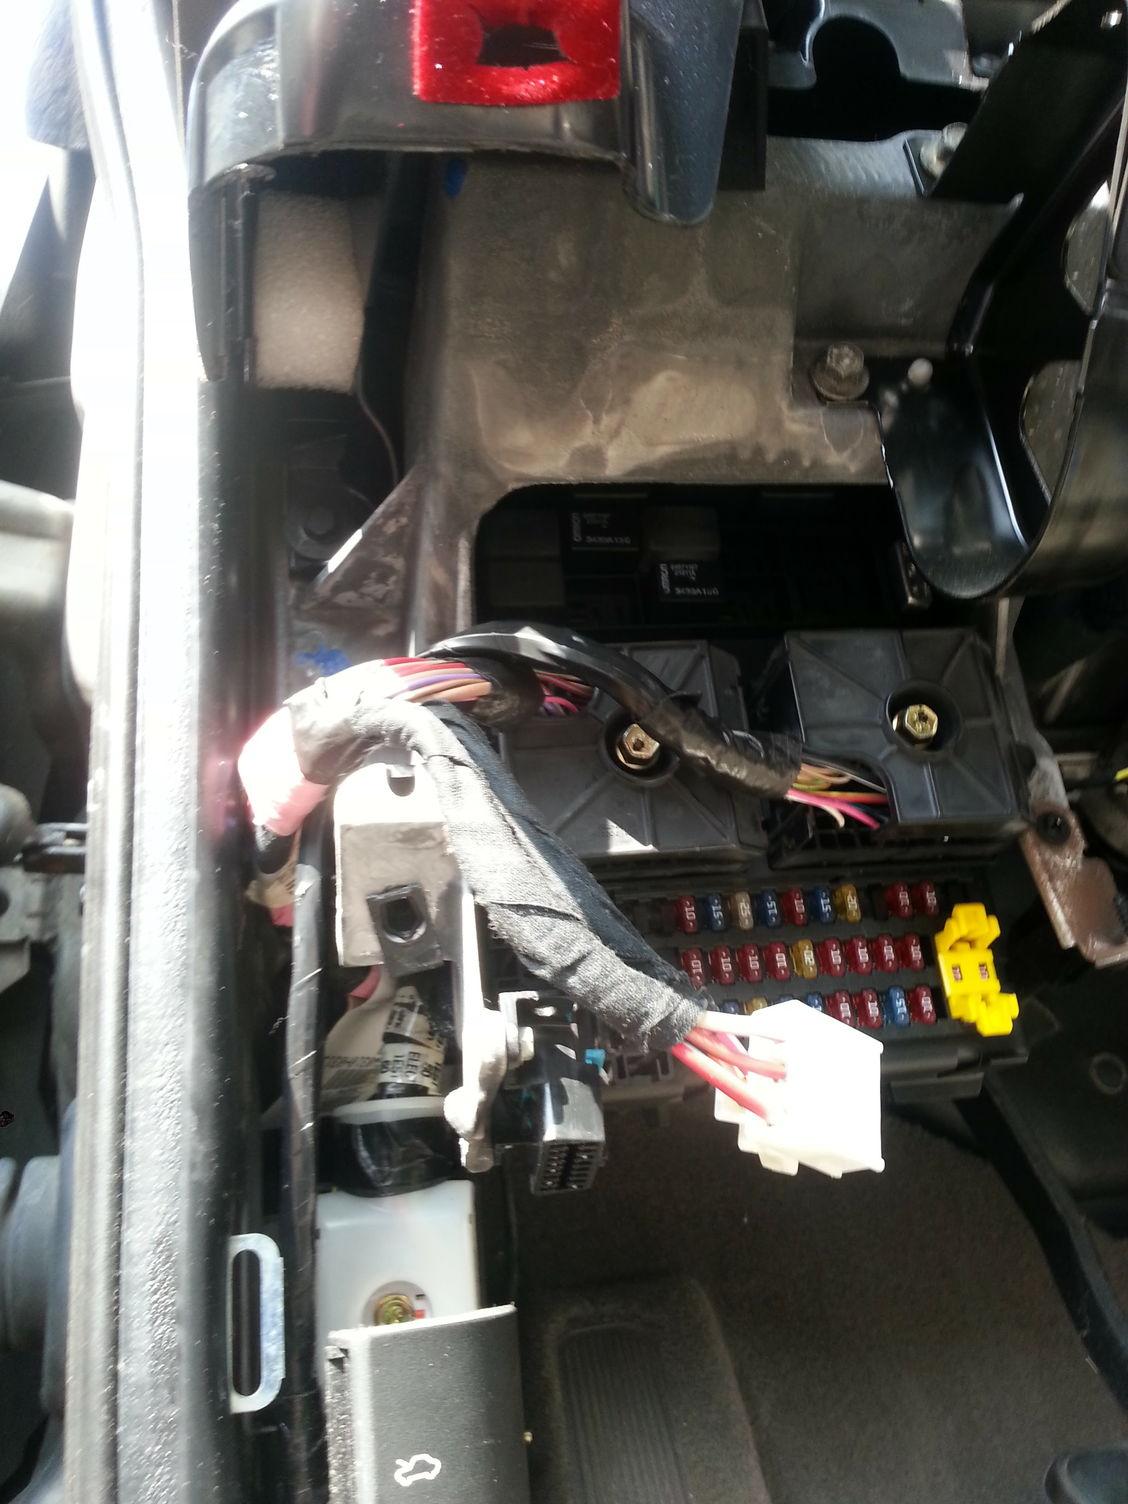 p1687 jeep wrangler code p0420